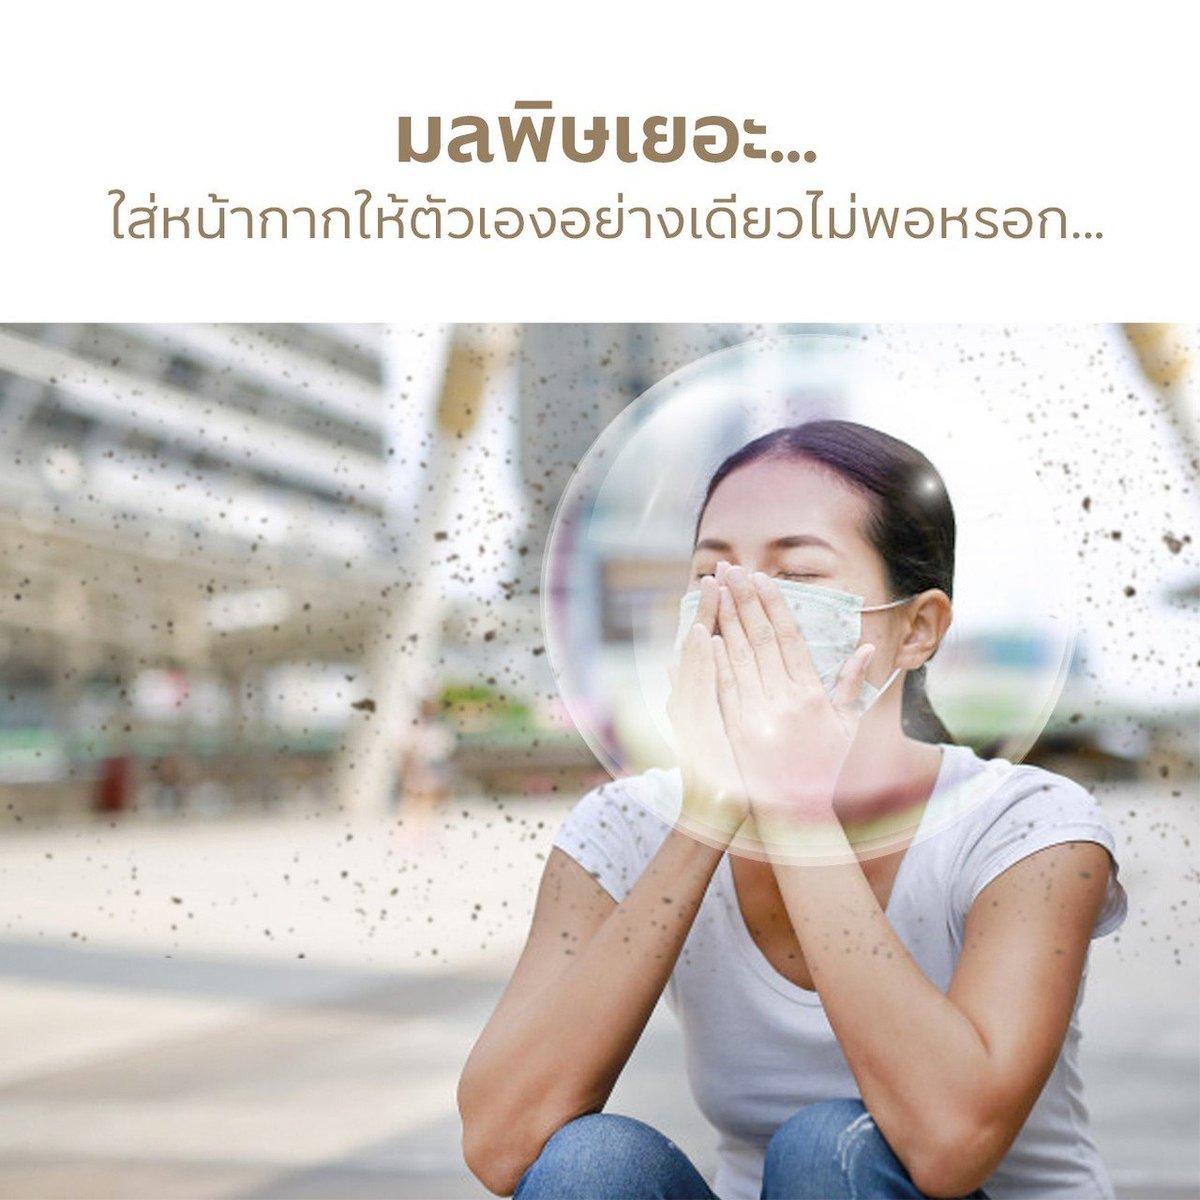 เพราะในอากาศมีภัยร้ายซ่อนอยู่… แค่ใส่หน้ากากอย่างเดียวคงไม่พอ…ต้องใส่หน้ากากให้เซลล์ในร่างกายด้วย #Maquiplus Get 25% Discount Click here! http://wu.to/uioycu #aviance #MultiBerries #Superfruits #Healthiness #SuperAntioxidant #HealthyImmunity